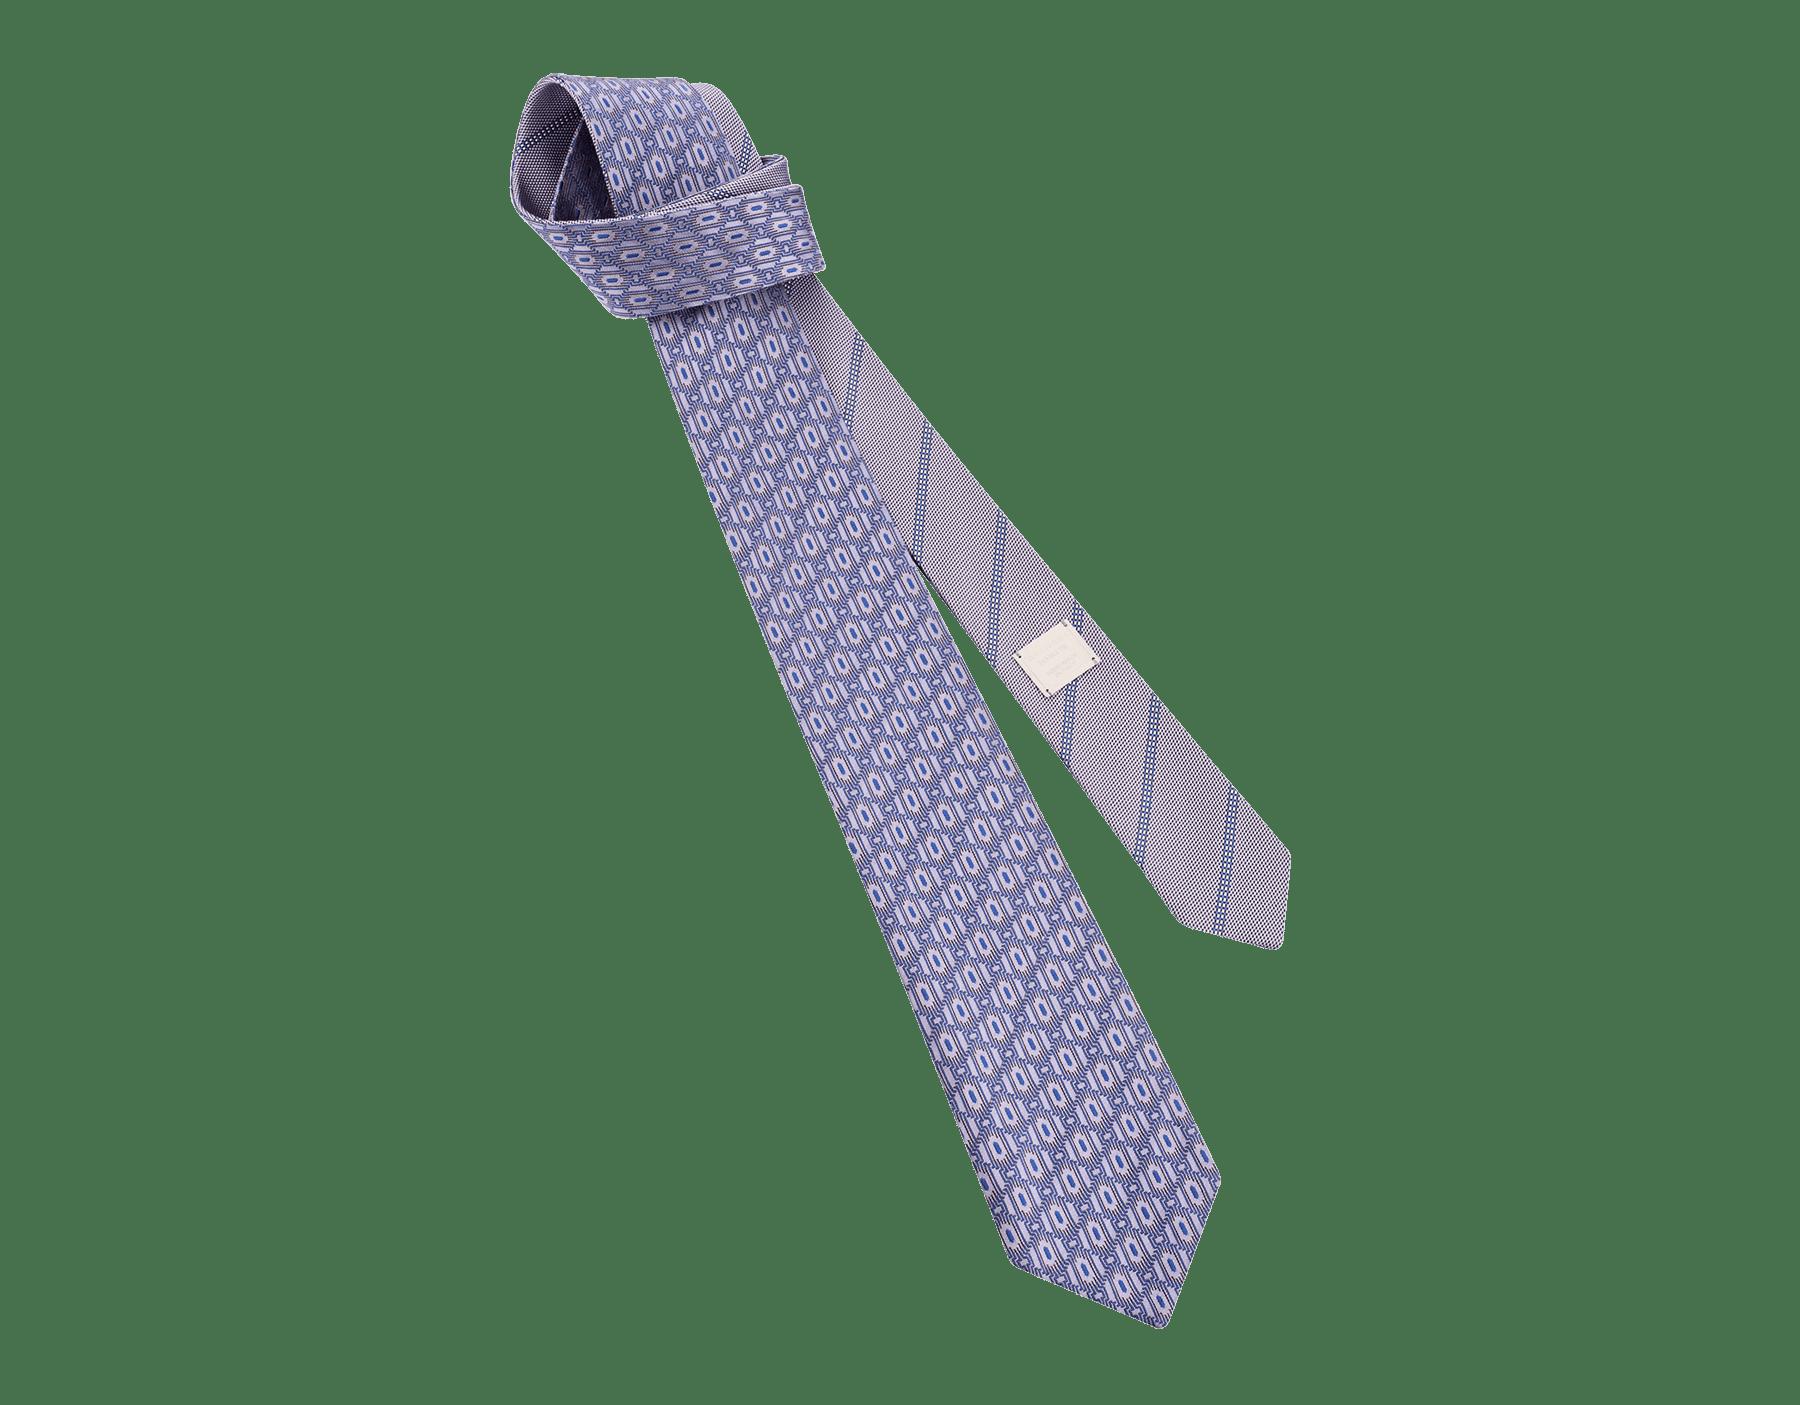 Cravatta lilla con motivo Double Line Scales in seta pregiata. 244131 image 1